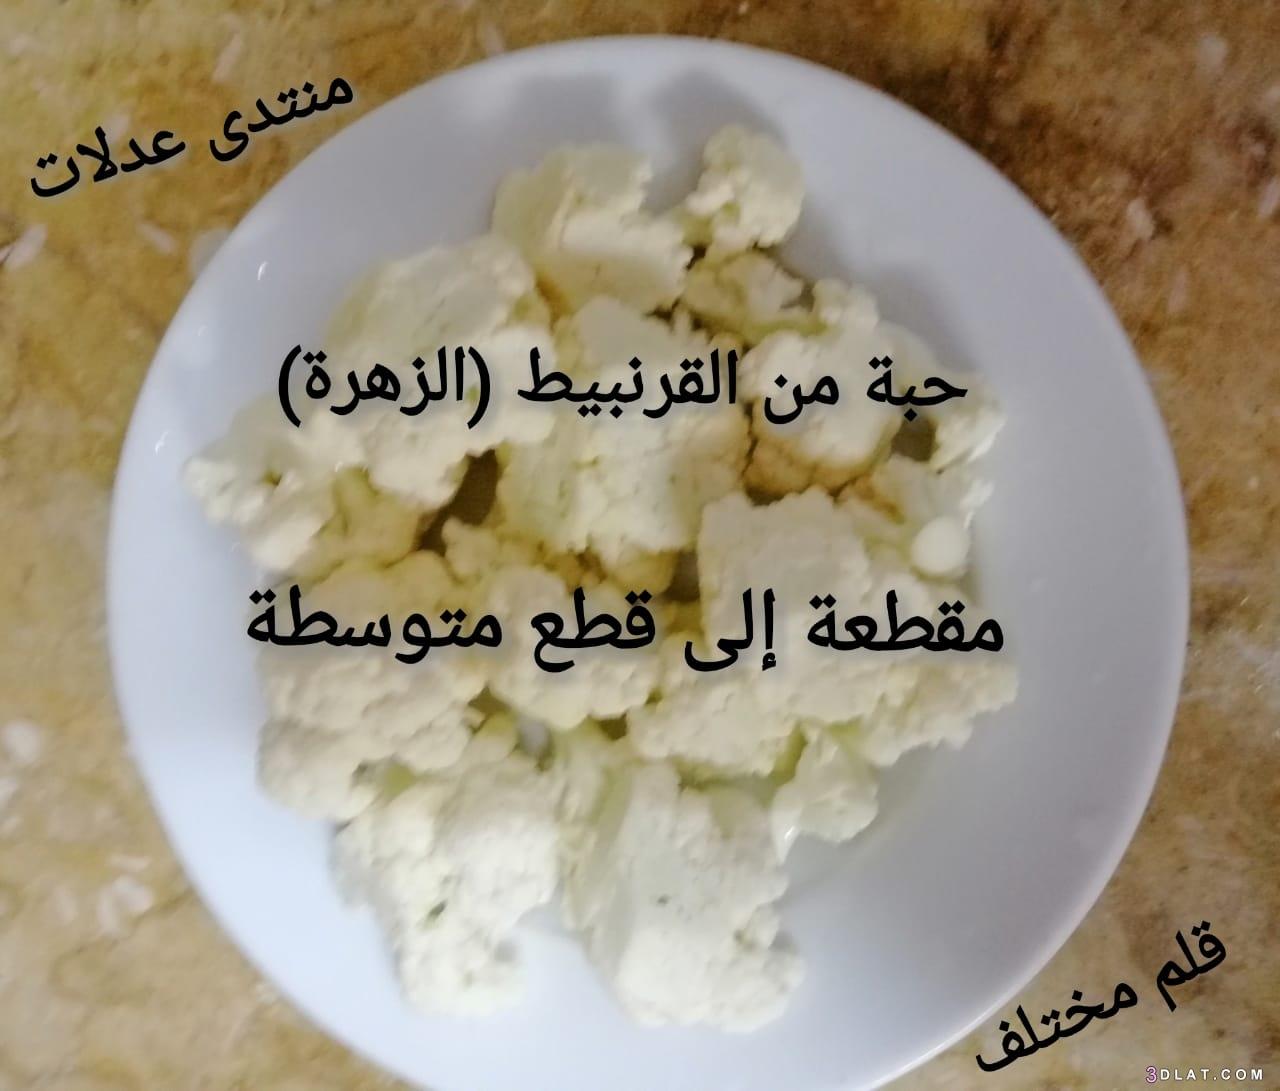 مطبخي ((قطع الدجاج الخضروات)) 3dlat.com_29_18_b265